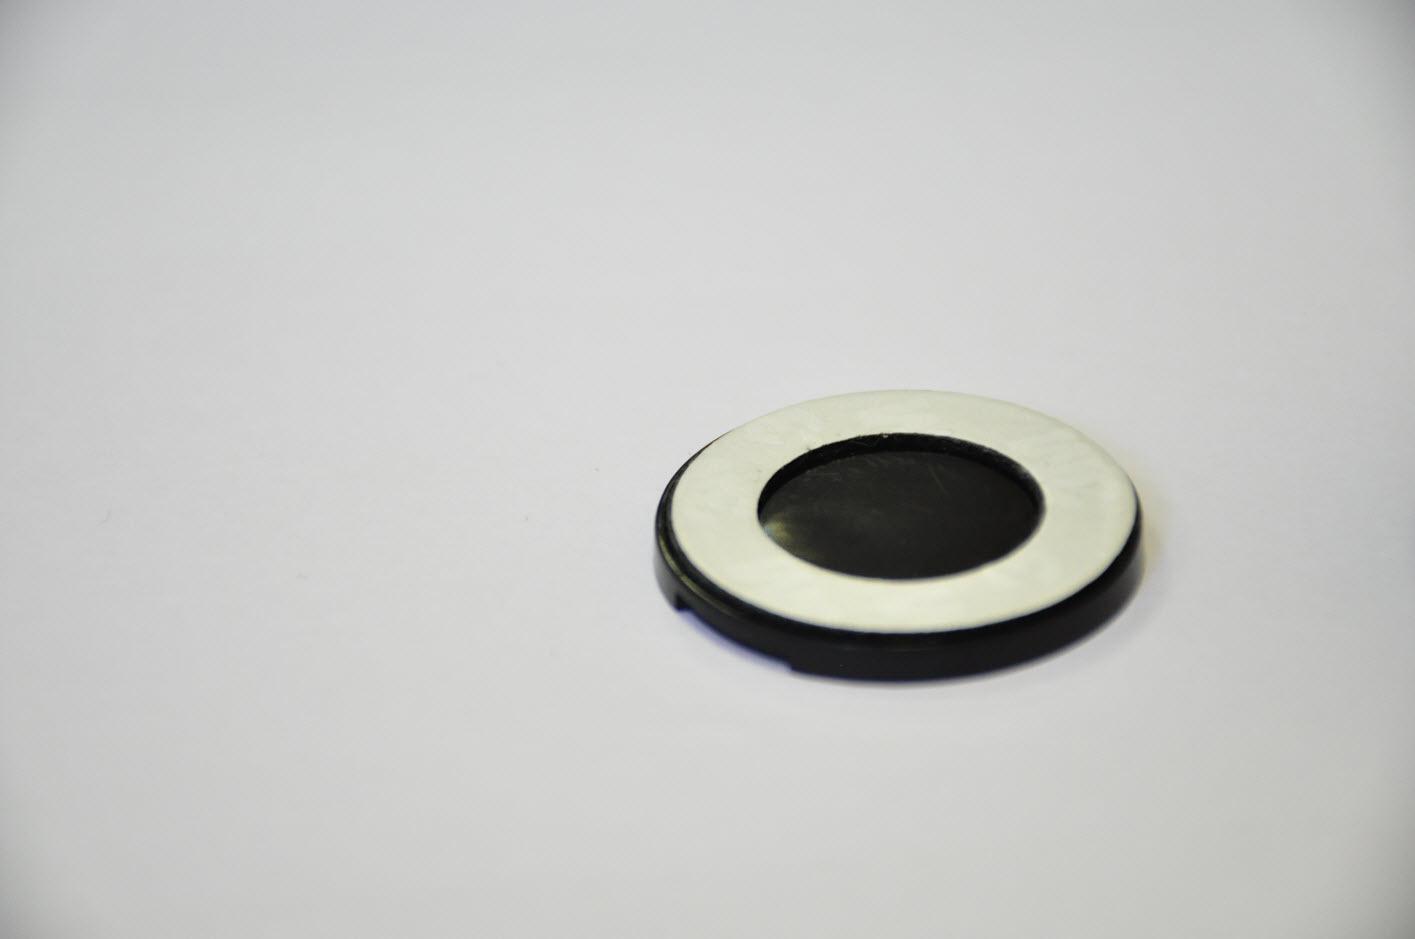 Обзор Bluetooth-ресивера Аудиомост и мысли о качестве передачи аудио по bluetooth в целом - 7